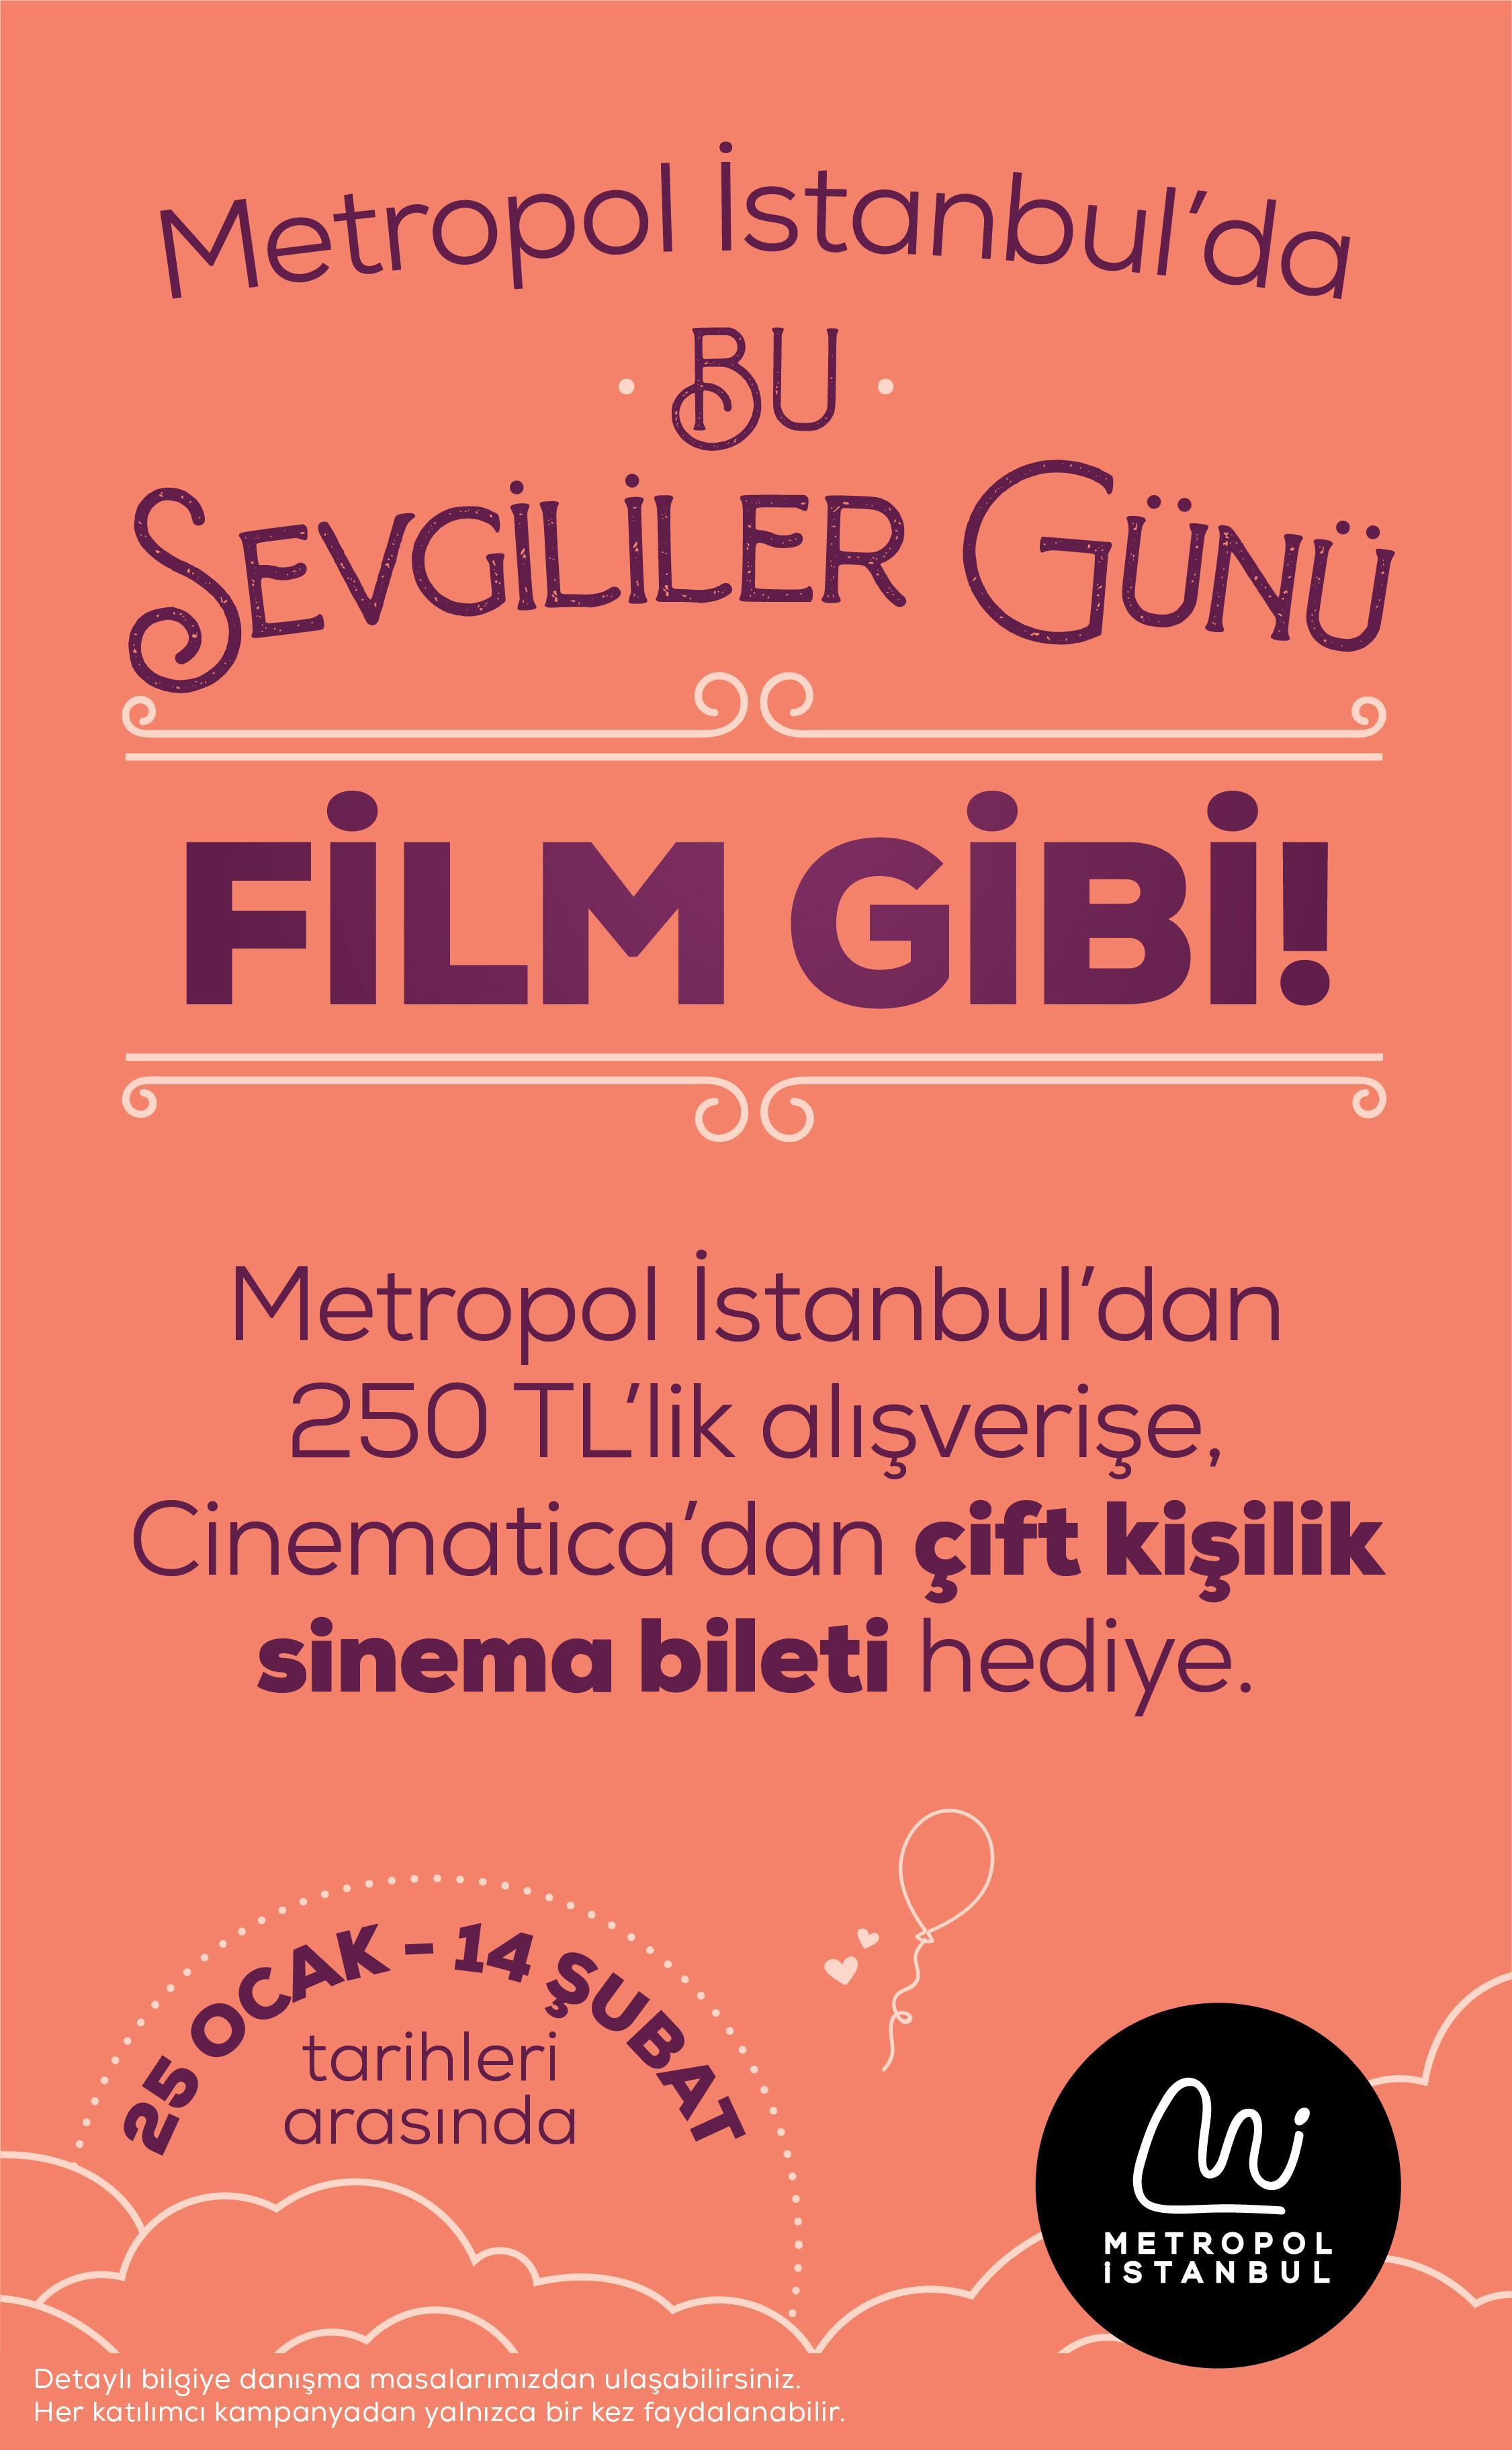 Sevgililer Günü Metropol İstanbul'da bambaşka